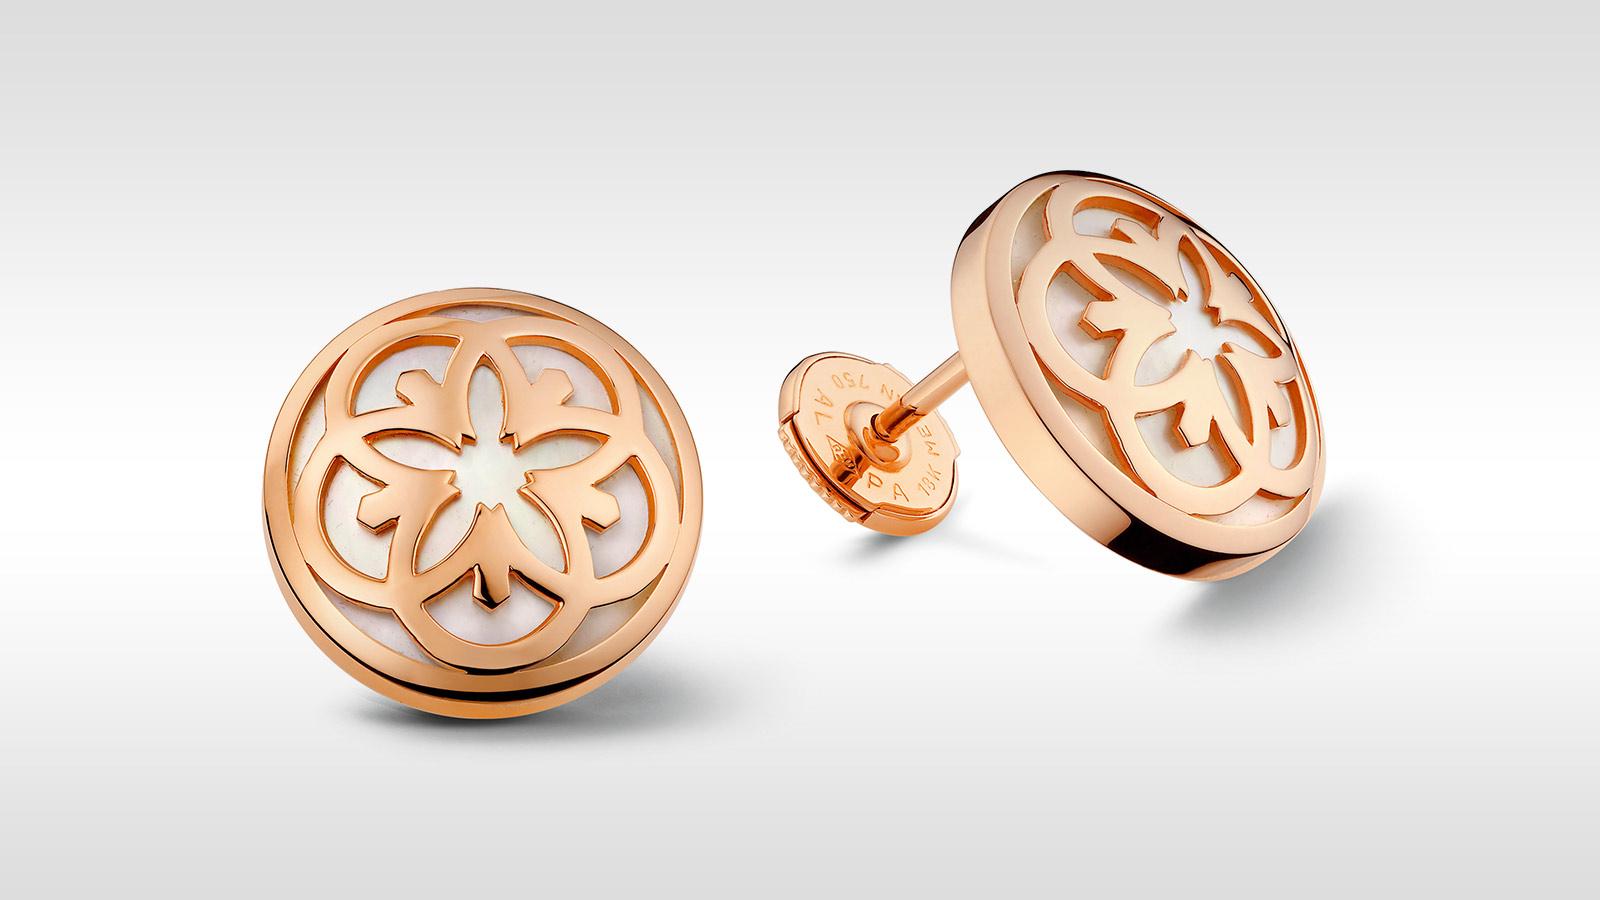 欧米茄FLOWER系列 耳环 OMEGA FLOWER系列 耳环 - E54BGA0204002 - 查看 1